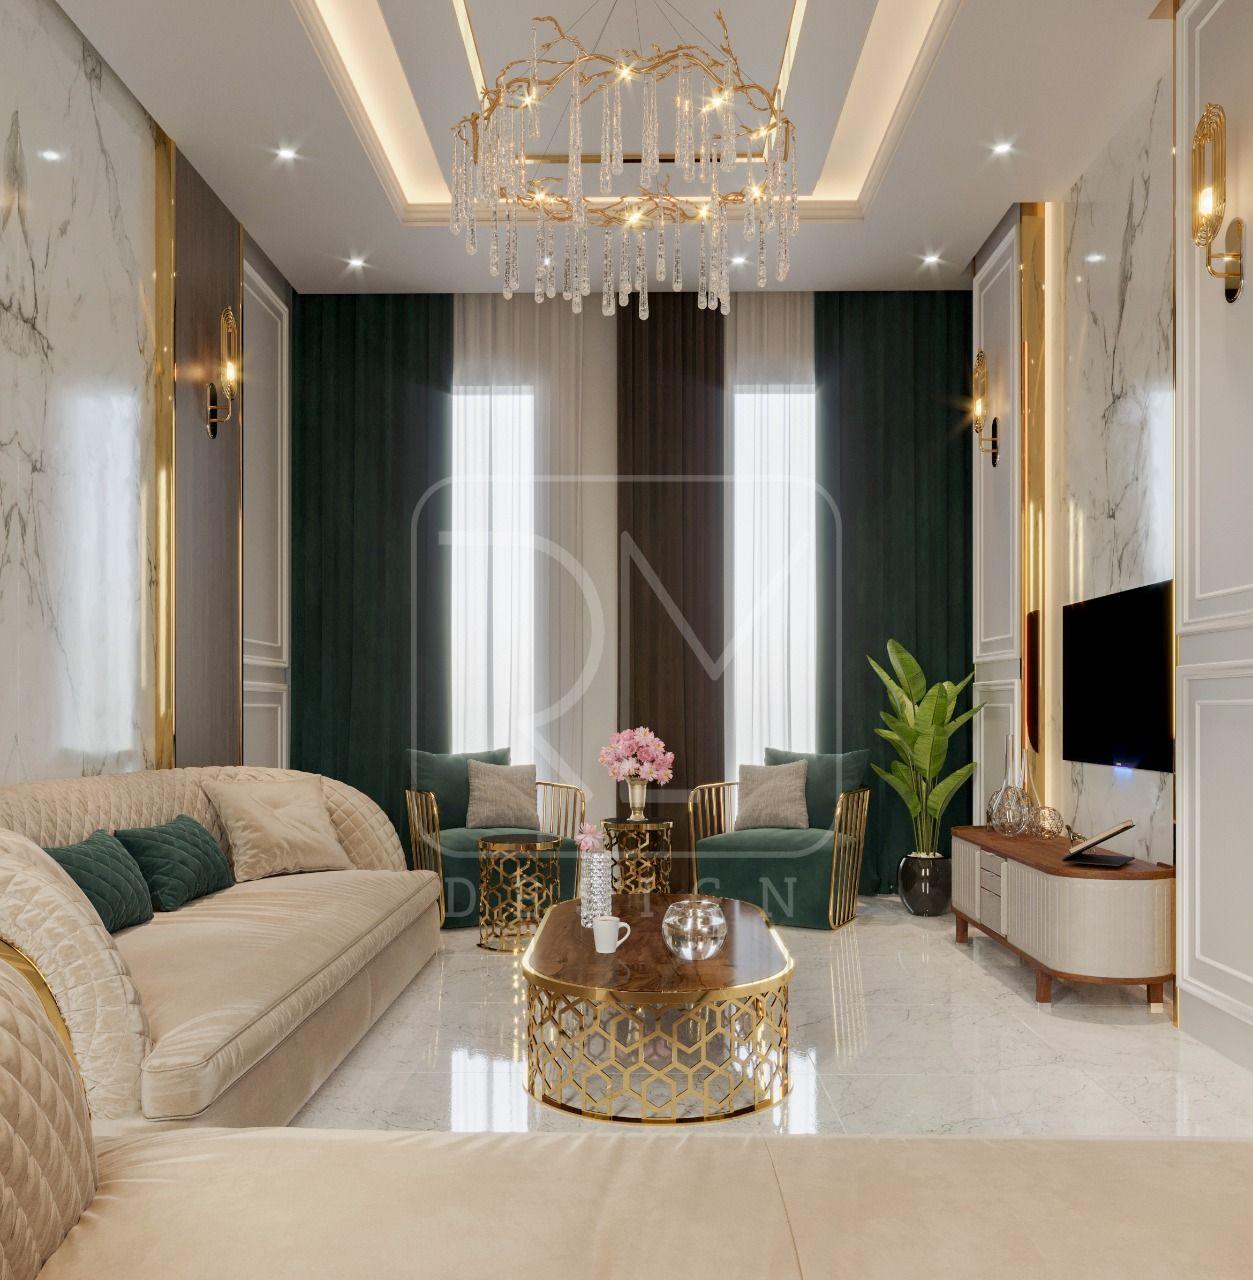 ستيل ديكورات ديكور ستيل 0535711713 ستيل جدران ستيل ذهبي ستيل ديكور ستيل للجدران Blinds For Windows Living Rooms Living Room Decor Apartment Family Room Design